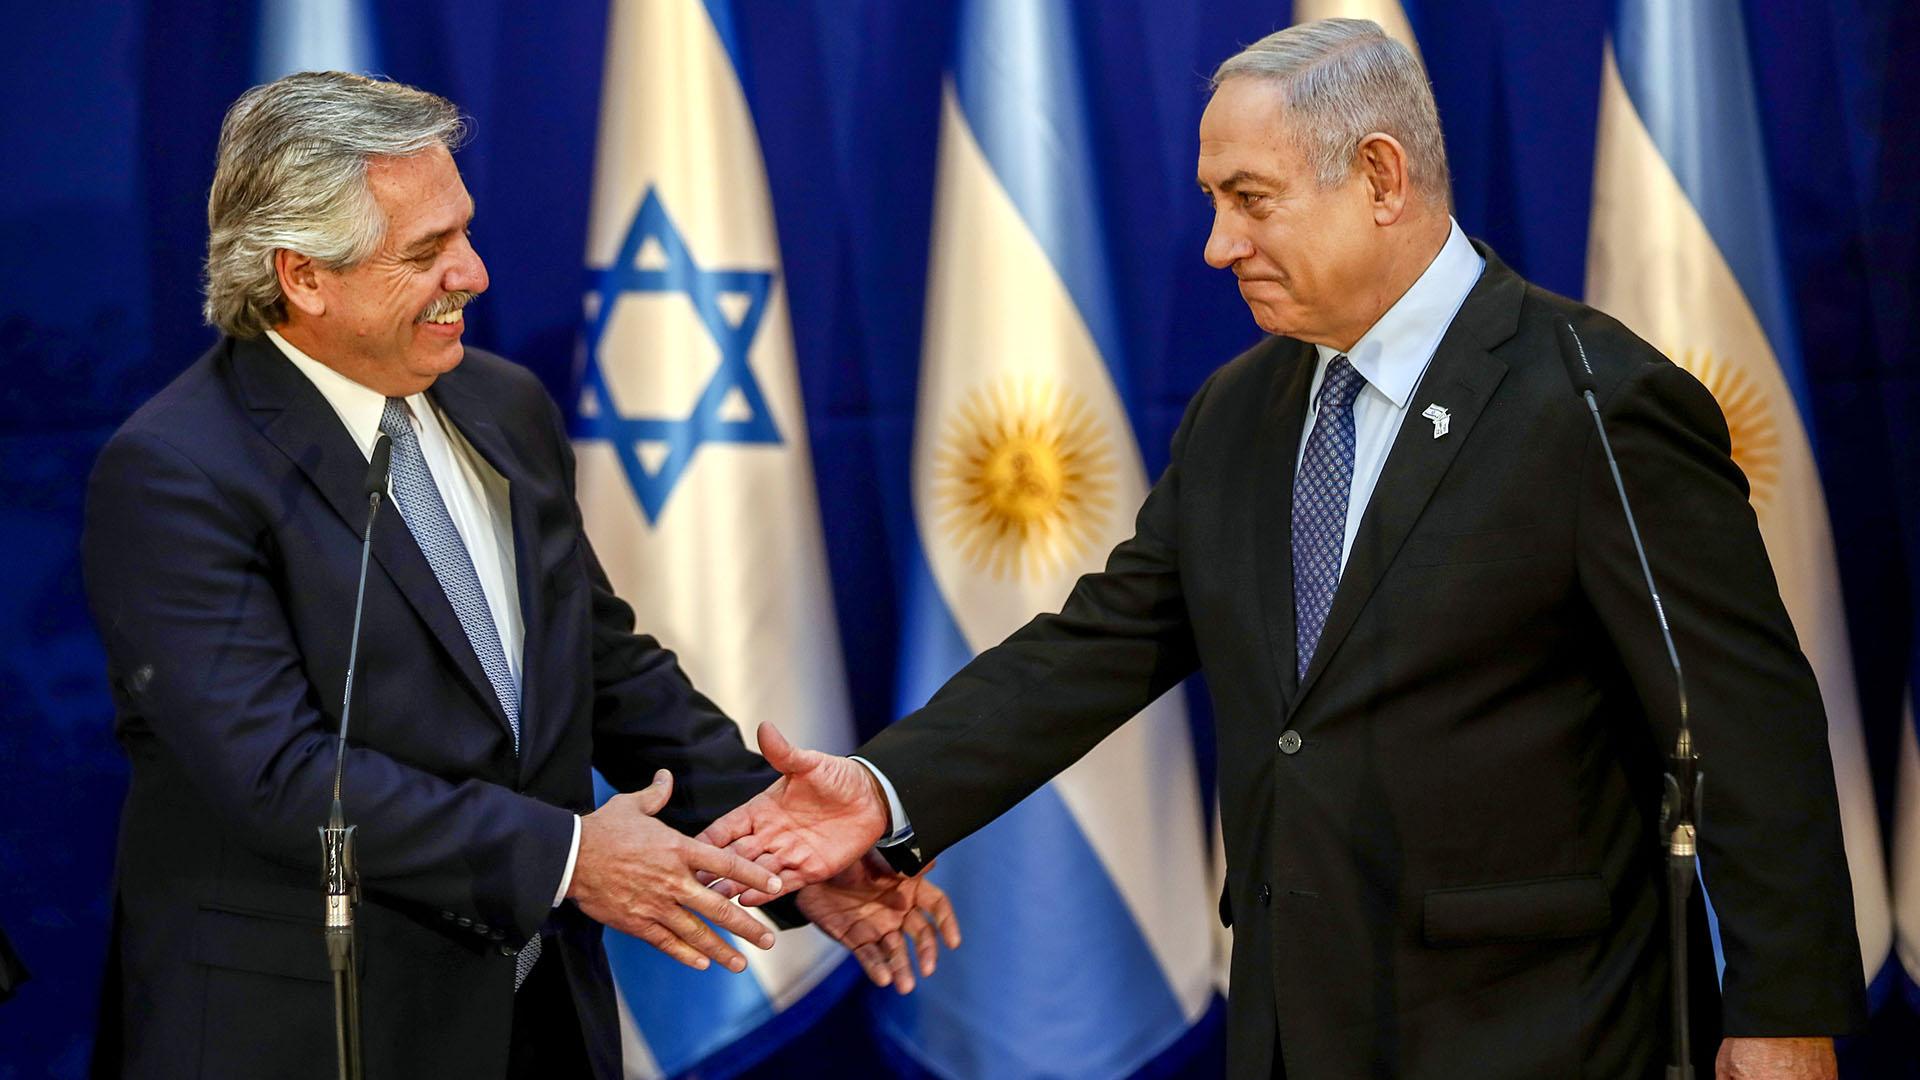 24 de enero de 2020, homenaje en Jerusalen al Holocausto. Alberto Fernández con el premier israelí, Benjamin Netanyahu, momento sorprendente de la política exterior del Presidente, que le abrió la puerta a reuniones con los principales líderes europeos.